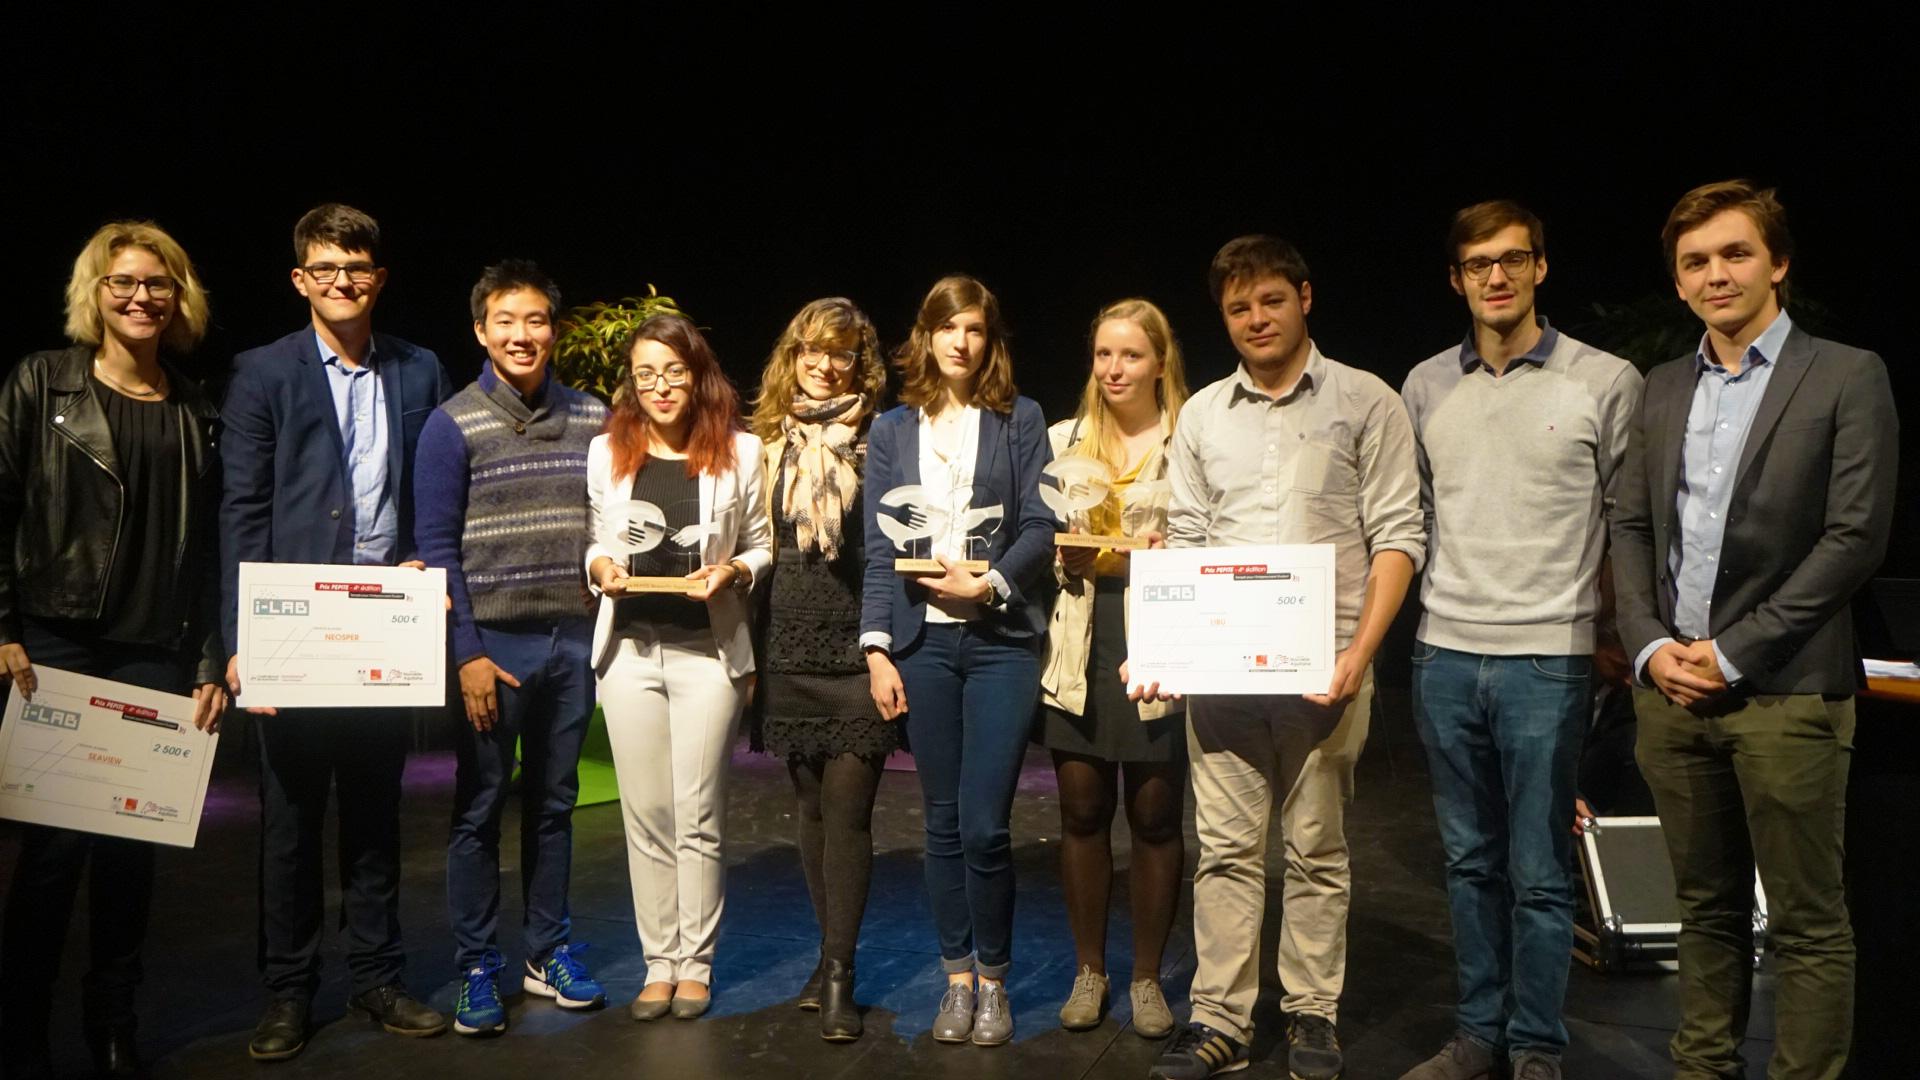 concours petite i-lab nouvelle aquitaine FIE institut d'optique graduate school